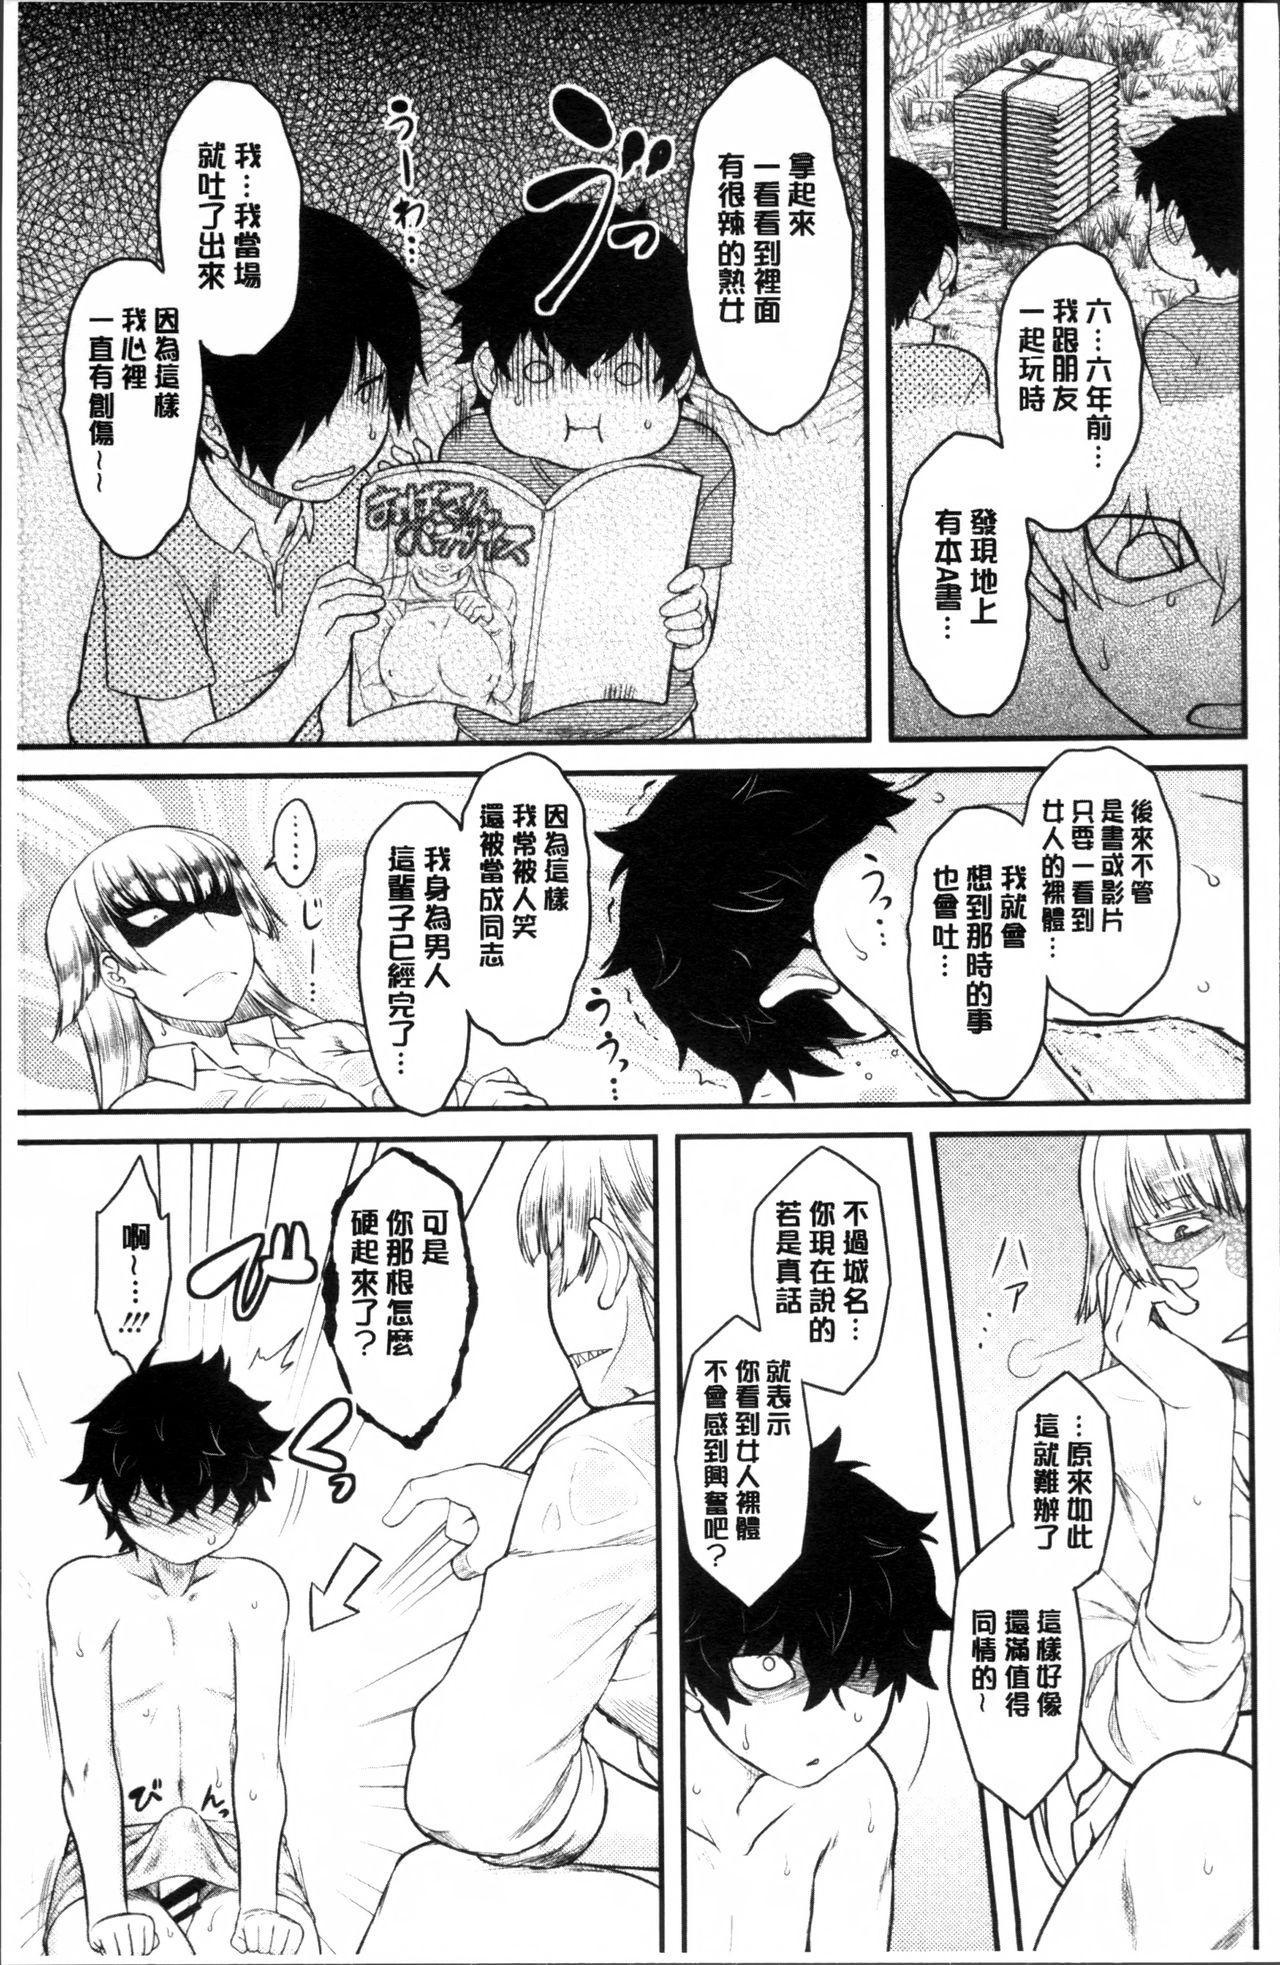 Hatsukoi Splash! 47